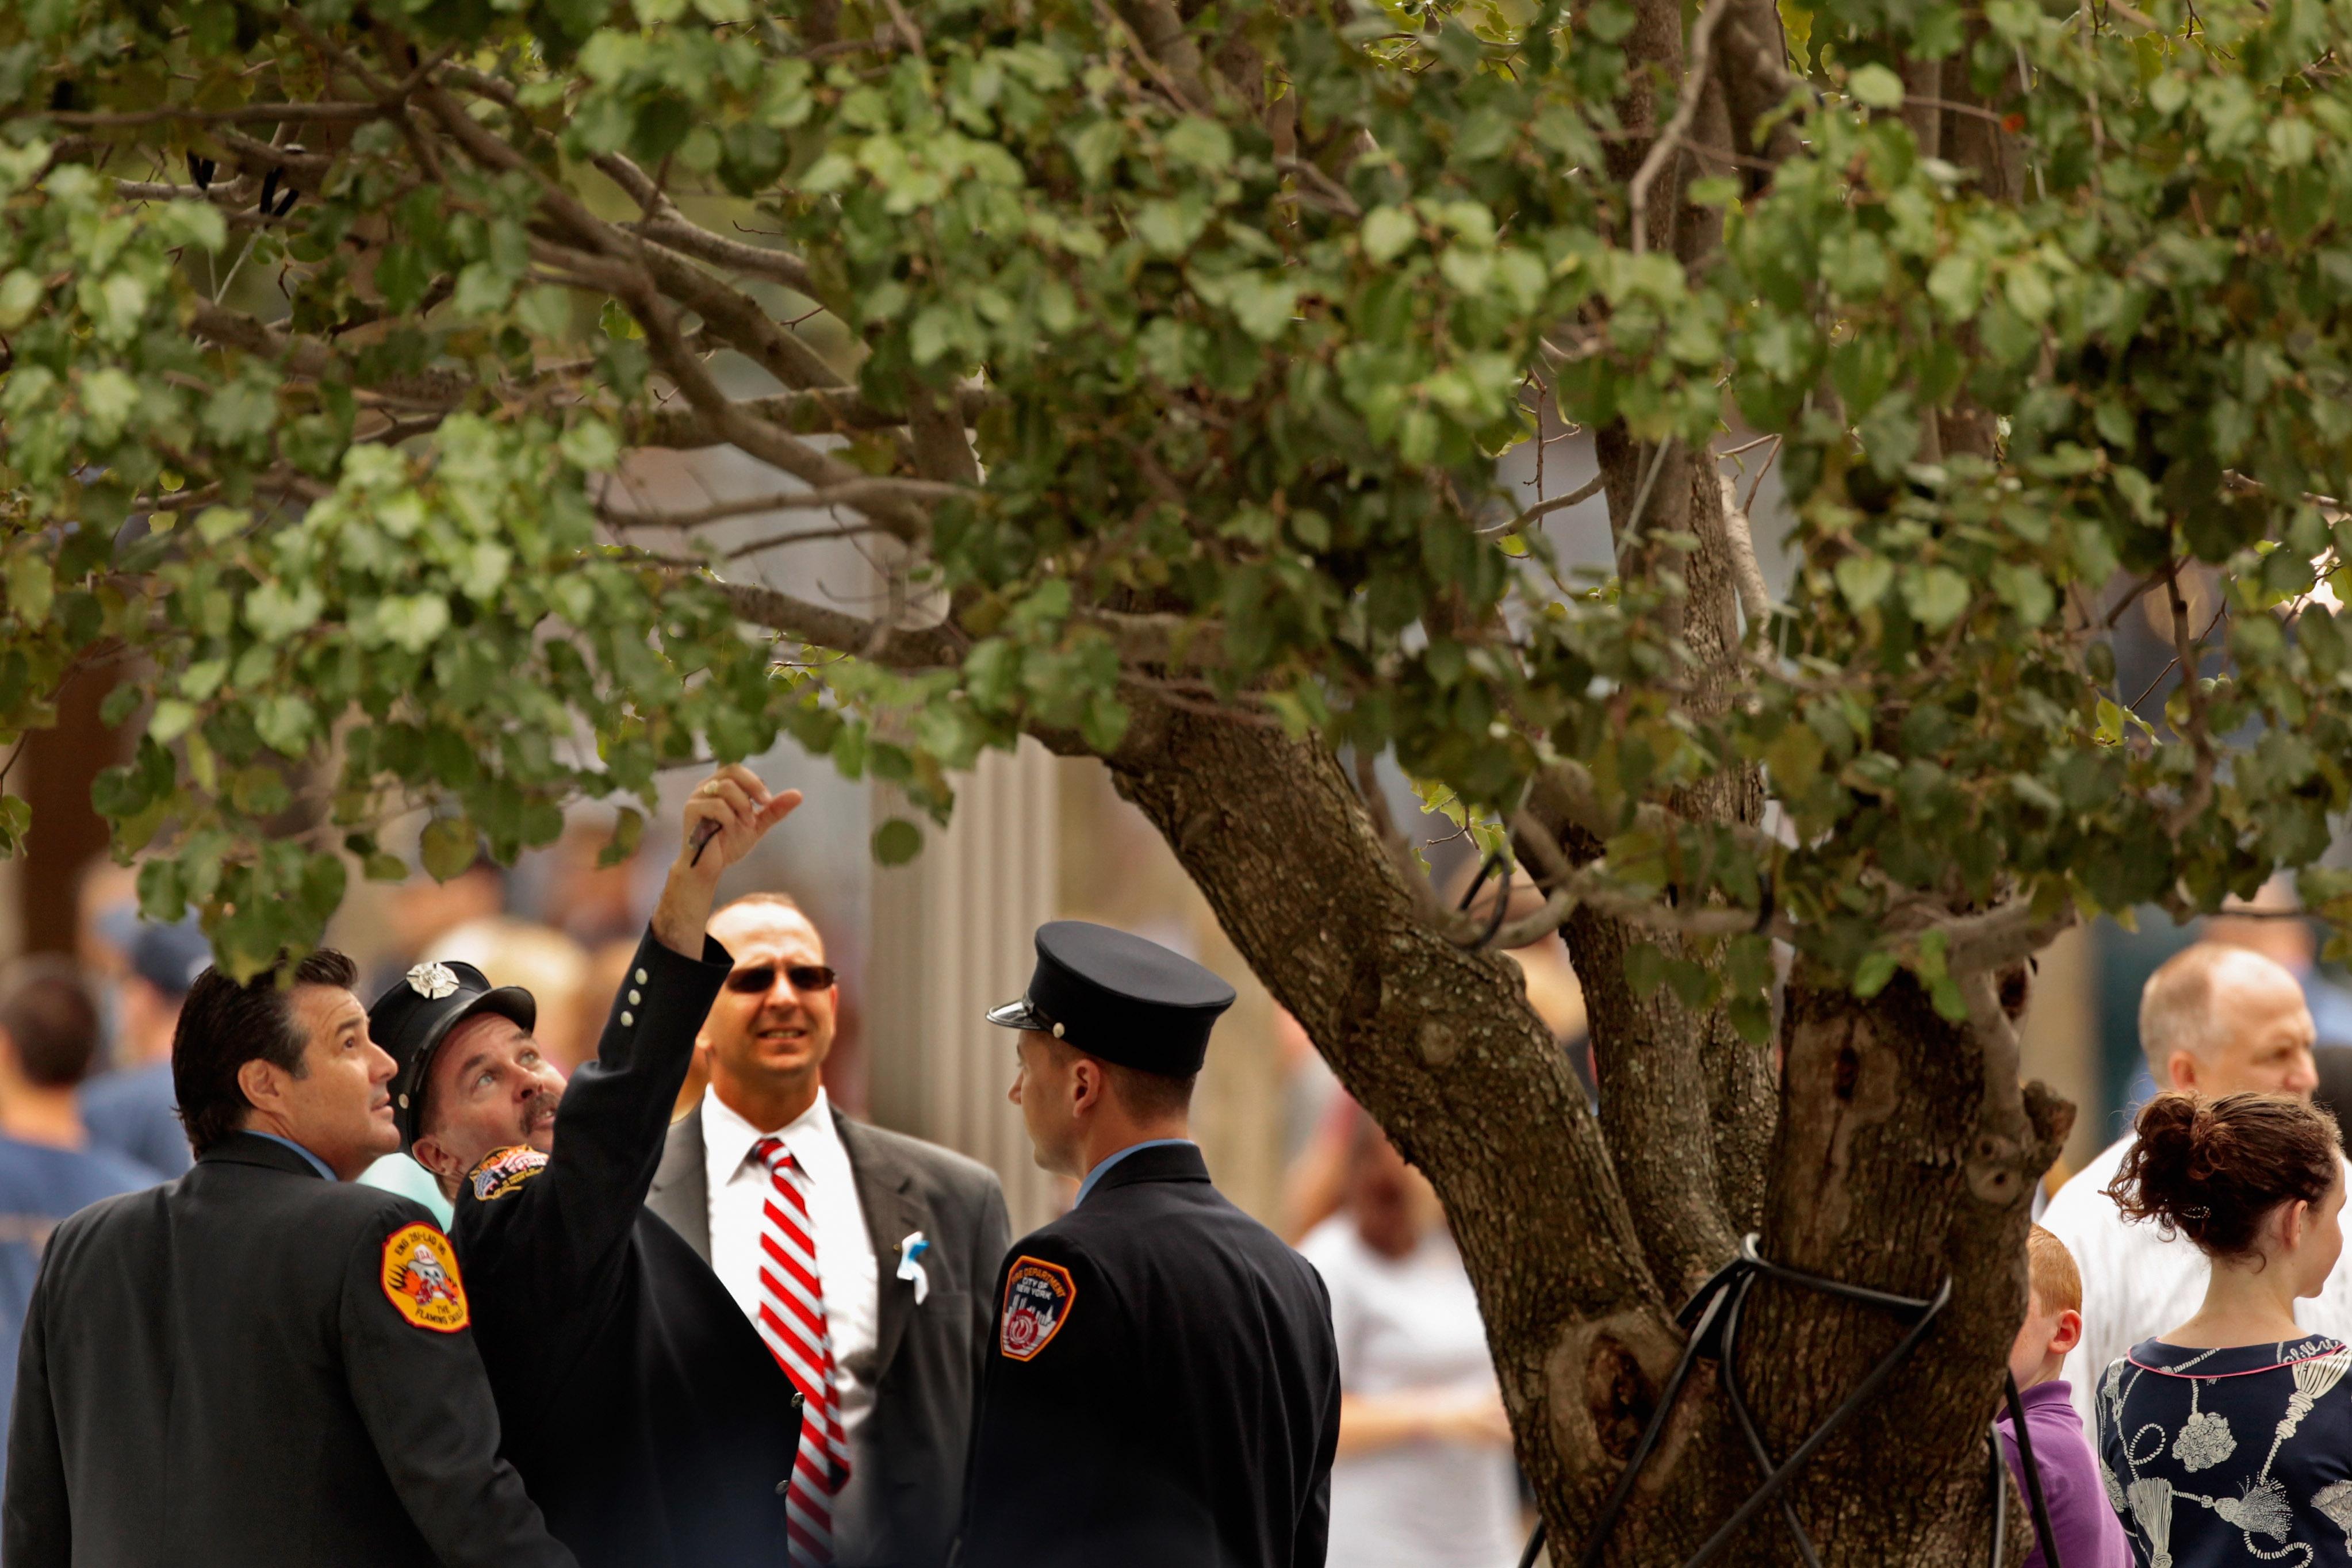 رجال إطفاء في مدينة نيويورك ينظرون إلى الشجرة الناجية بعد نحو عام من إعادتها